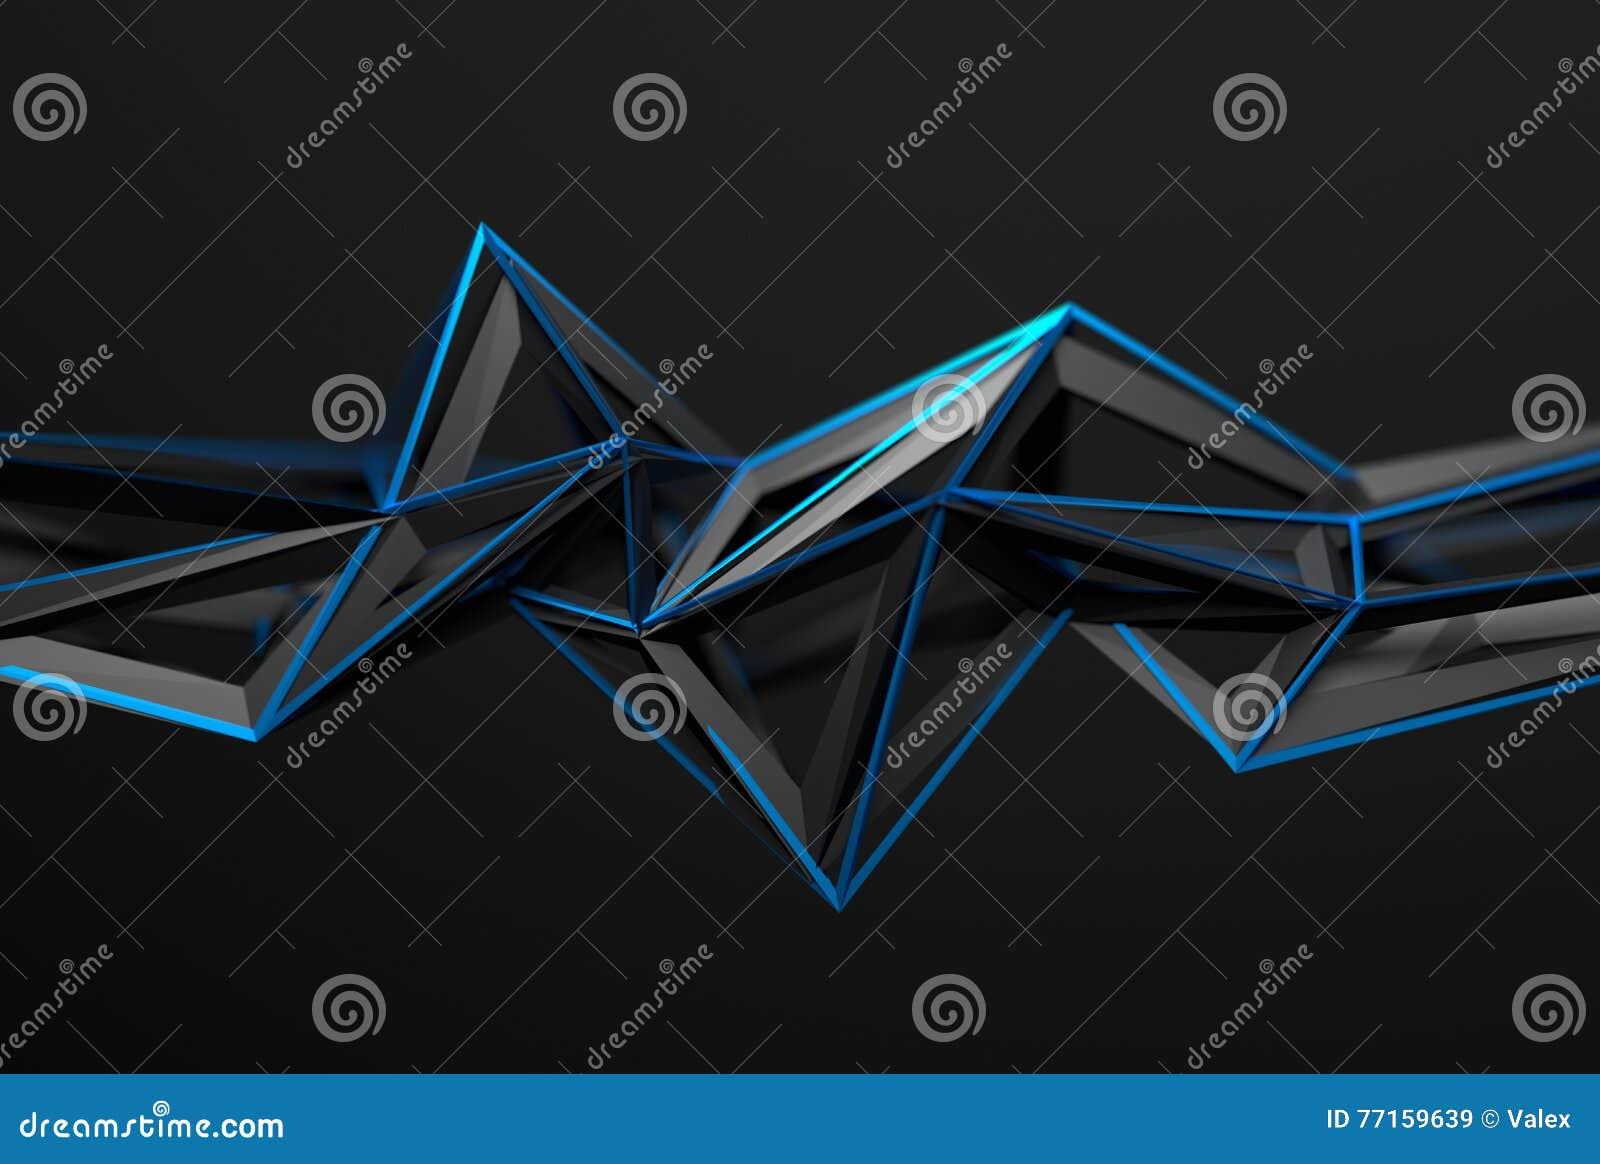 Rendu 3D abstrait de forme polygonale